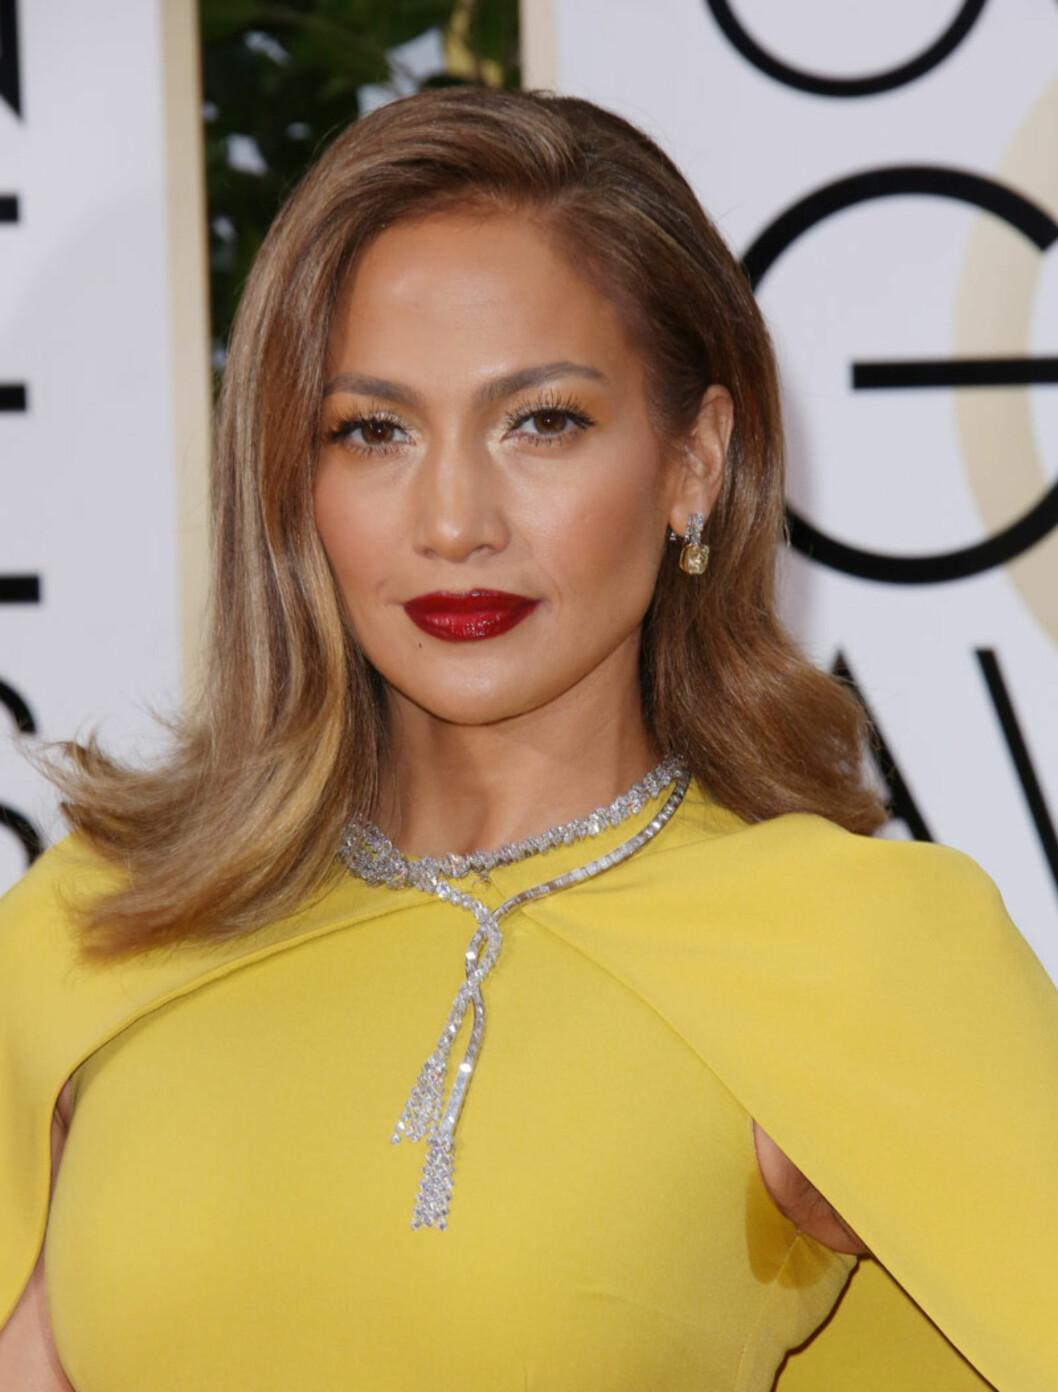 UHELDIG: Ifølge UsWeekly var Jennifer Lopez smykket med 200 karat Harry Winston-diamanter på Golden Globe-løperen. Likevel var det nok mange som la merke til svetteringene hennes. Foto: Rex Features